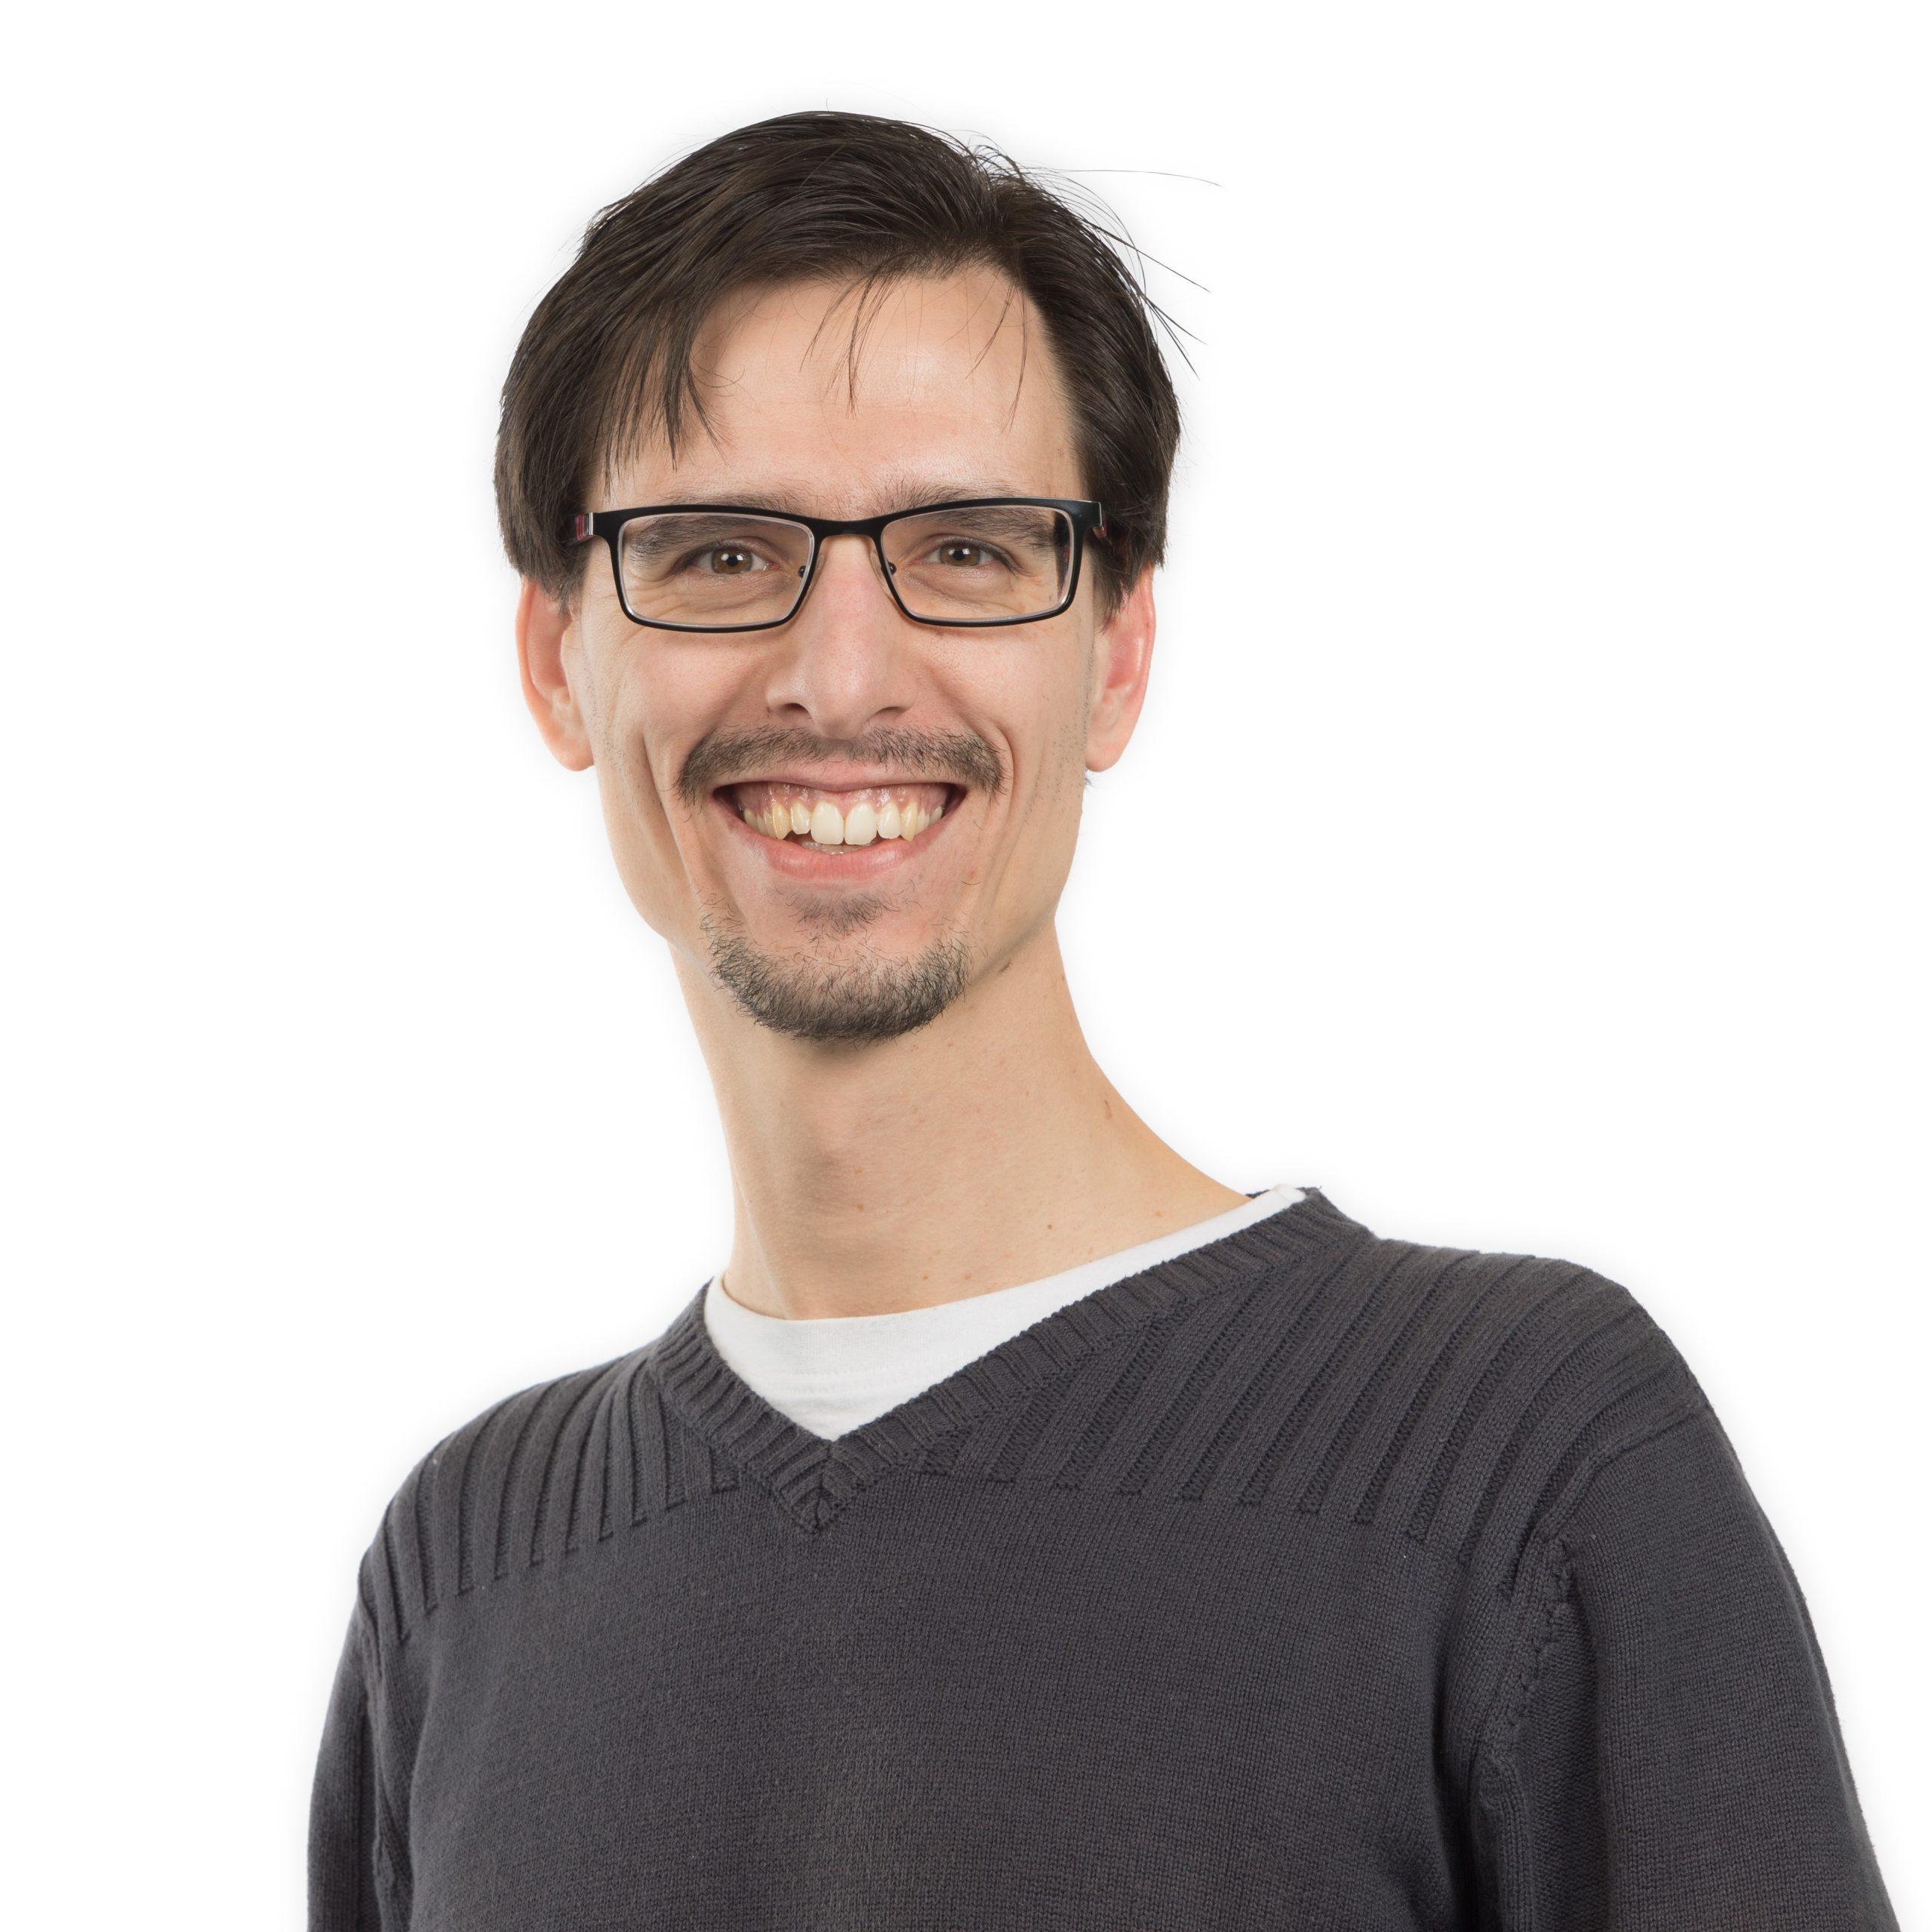 Frederik Vannieuwenhuyse